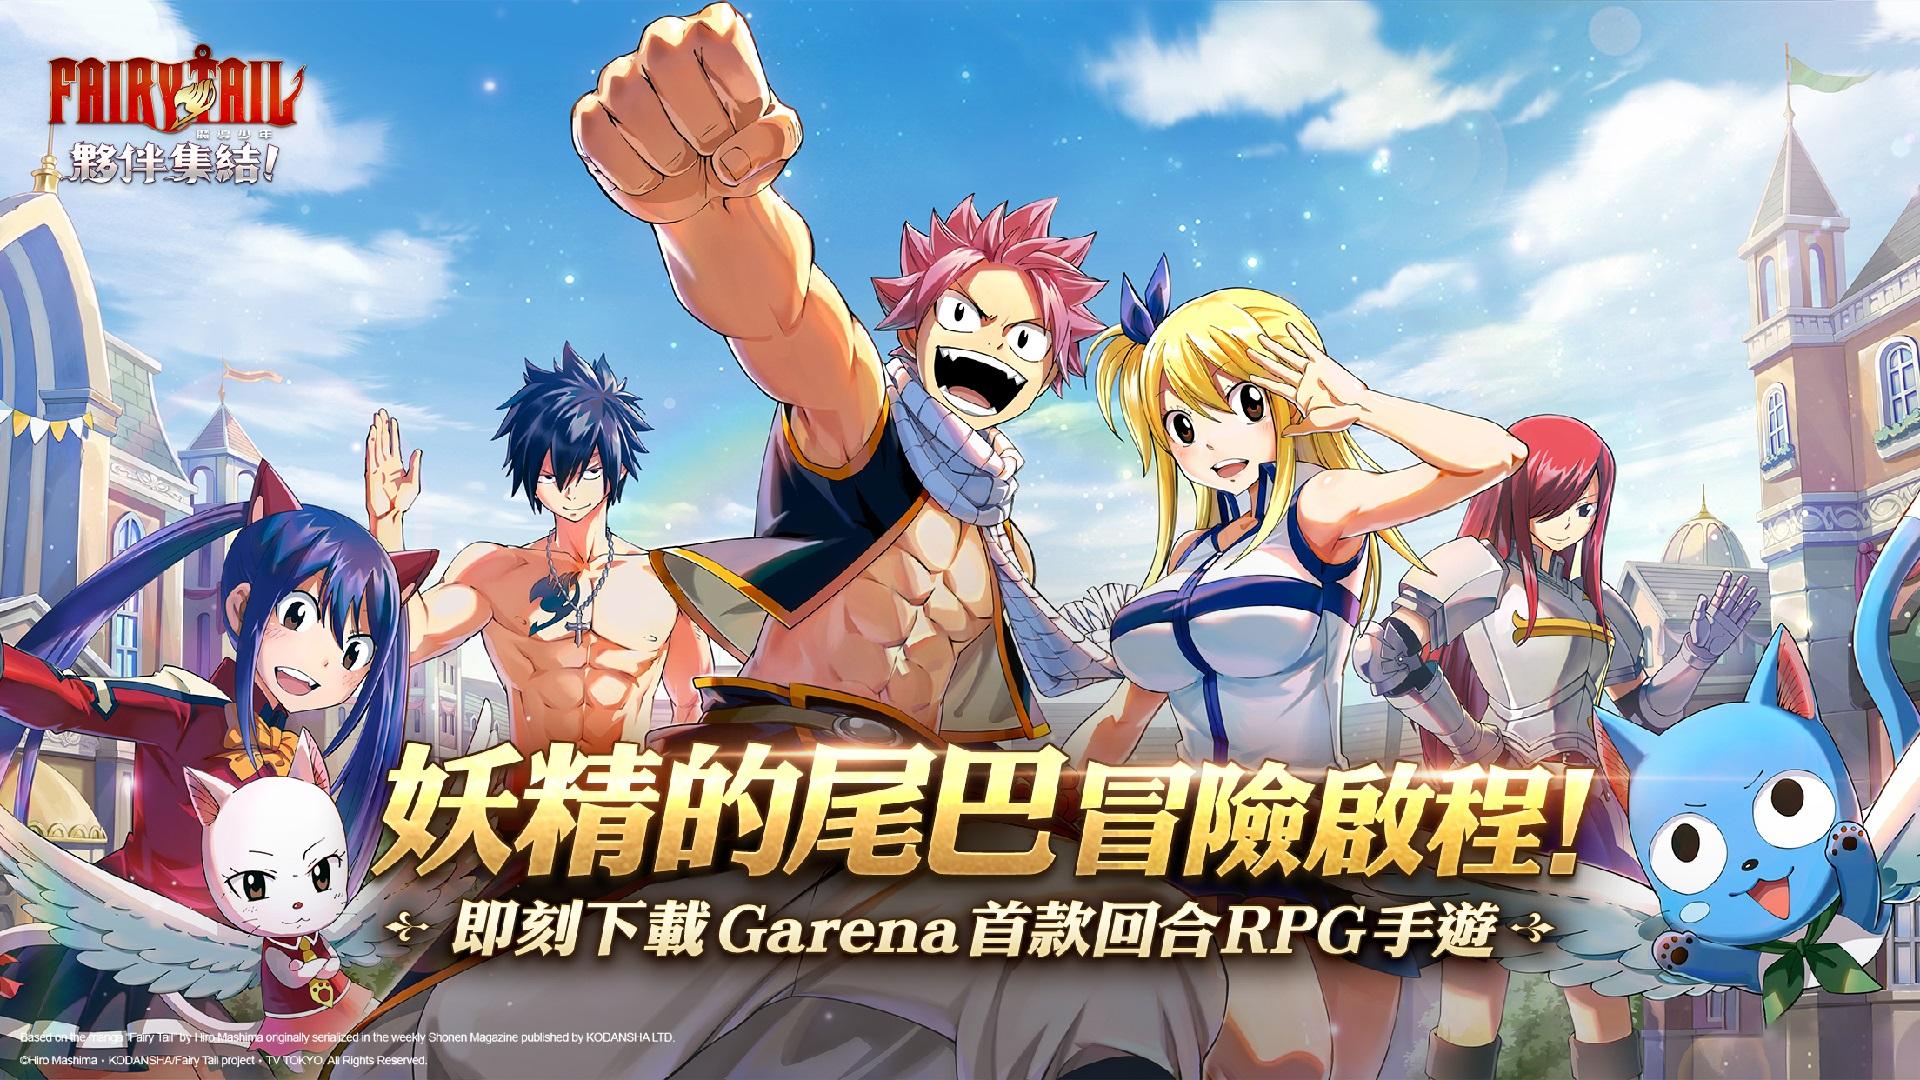 《魔導少年:夥伴集結!》RPG 手遊10月21日正式公測!